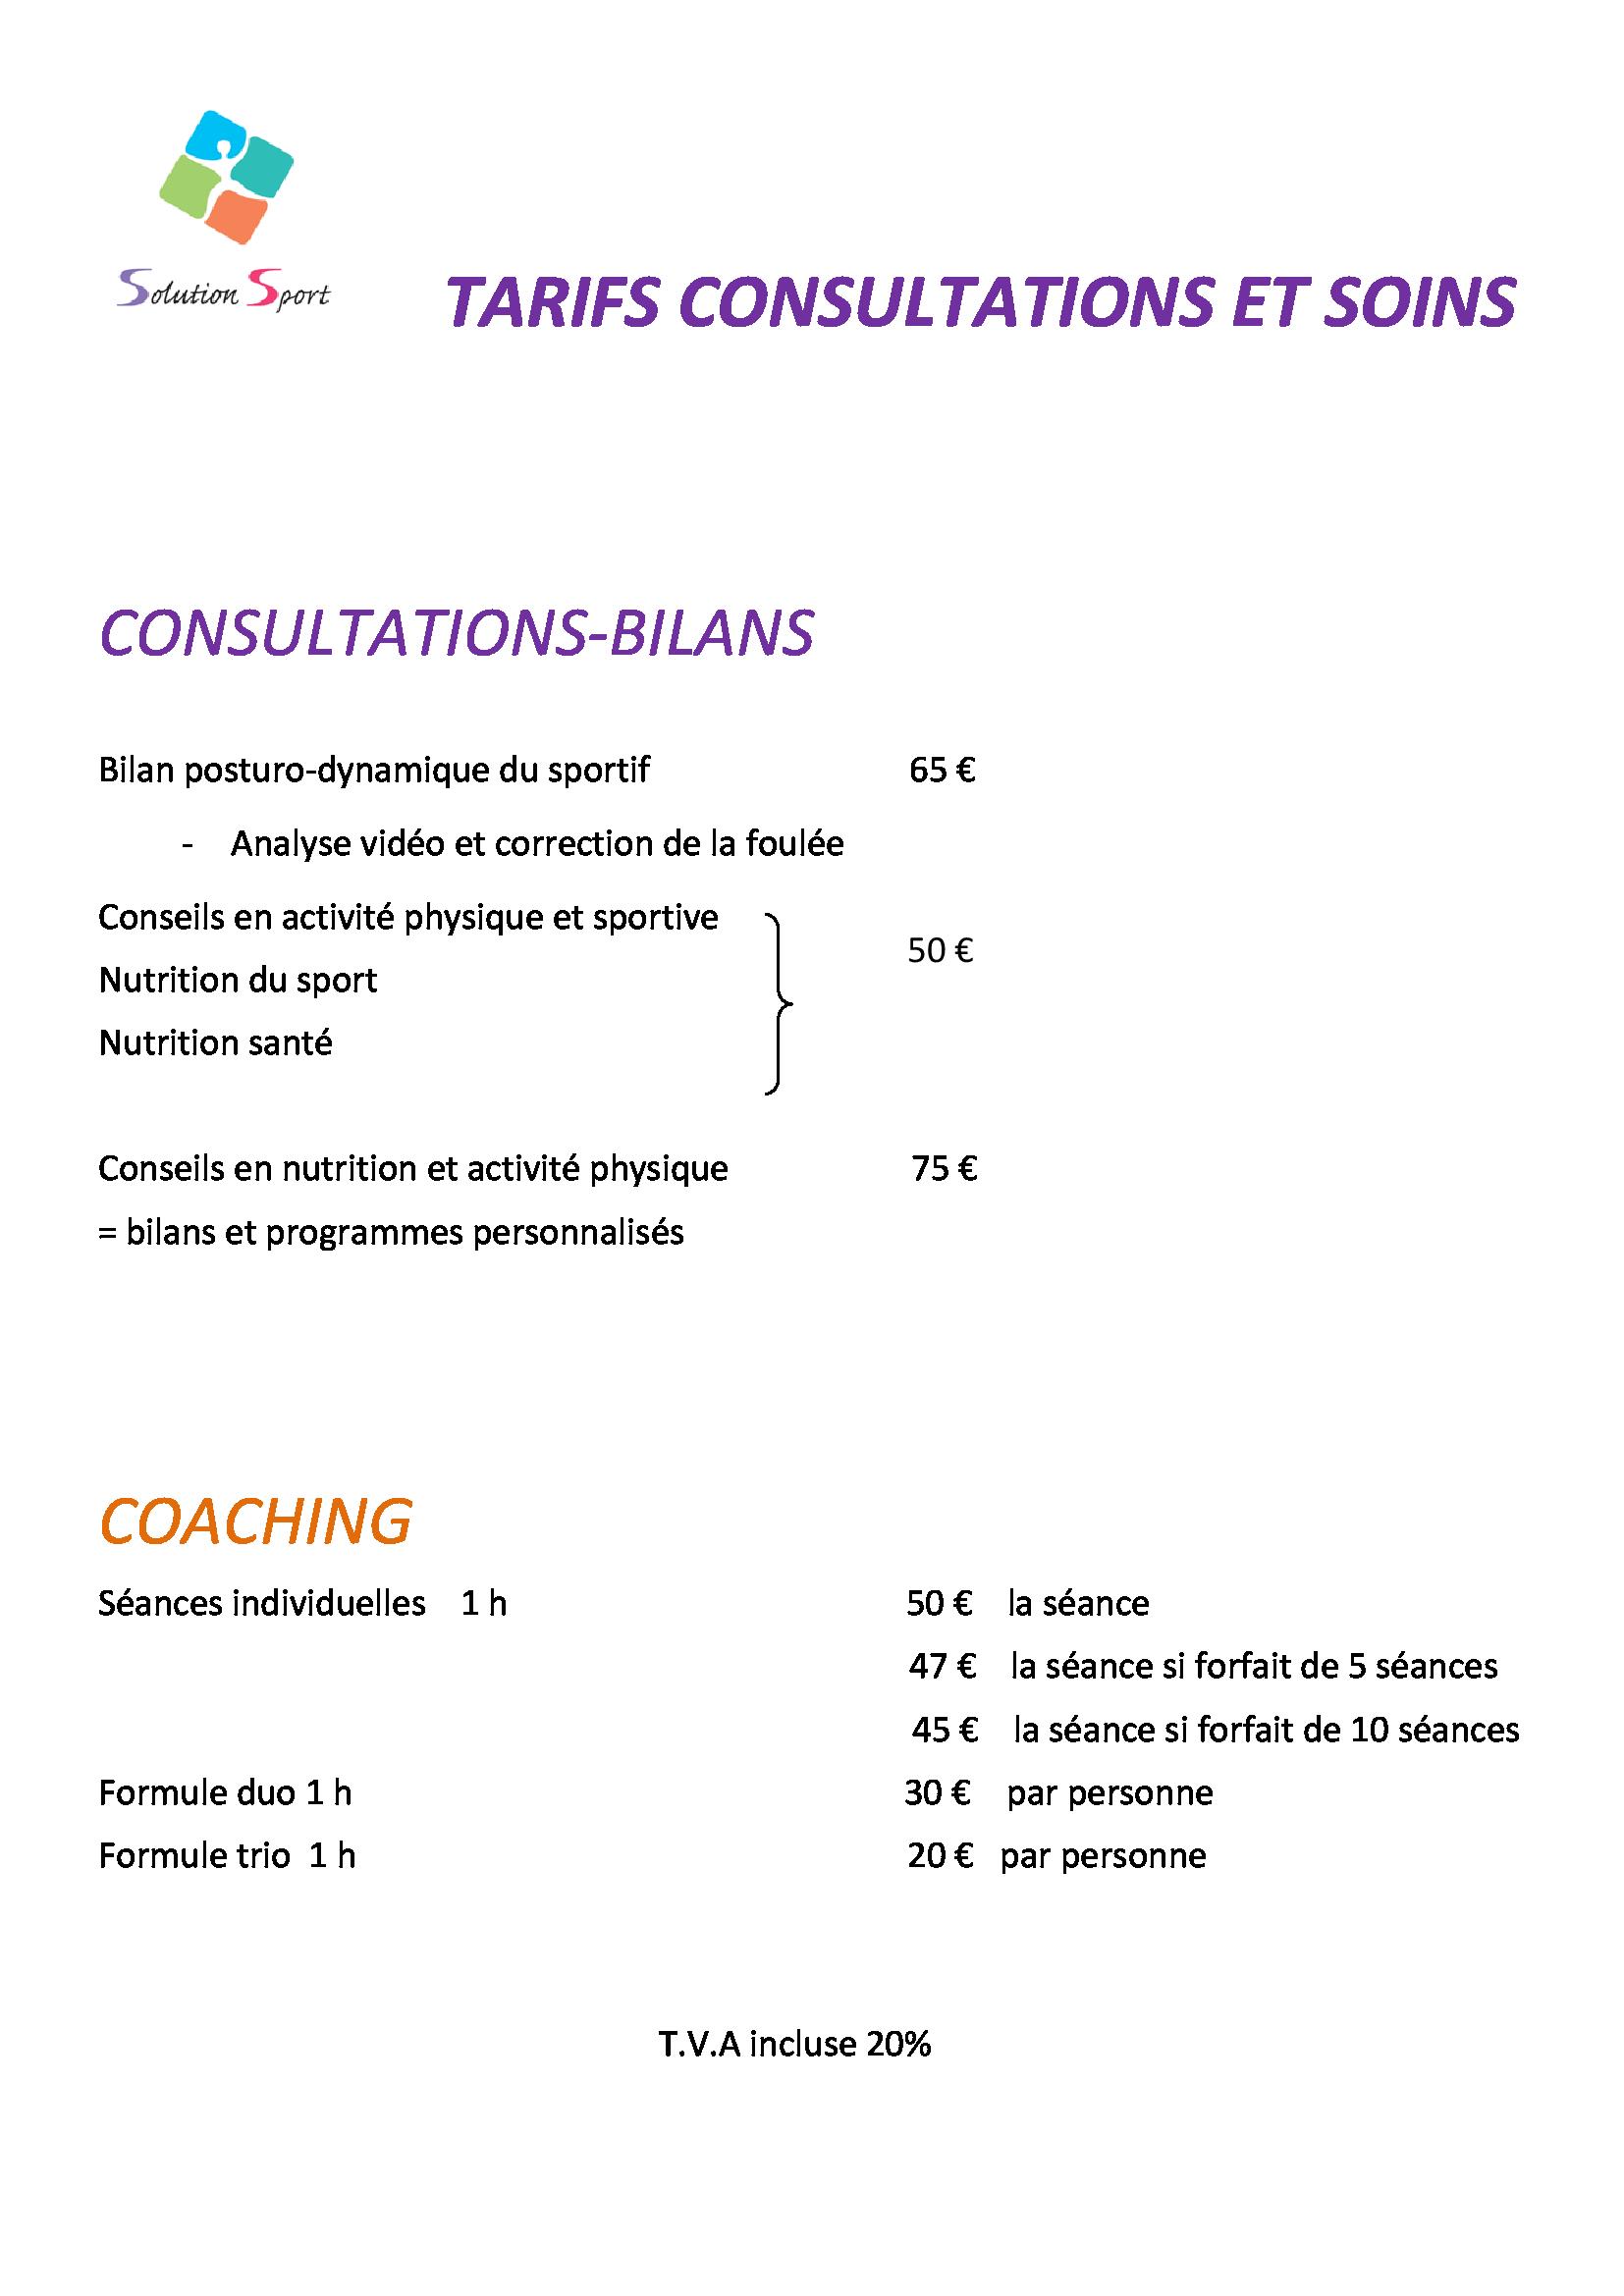 tarifs-des-consultations-et-soins-2018(1)